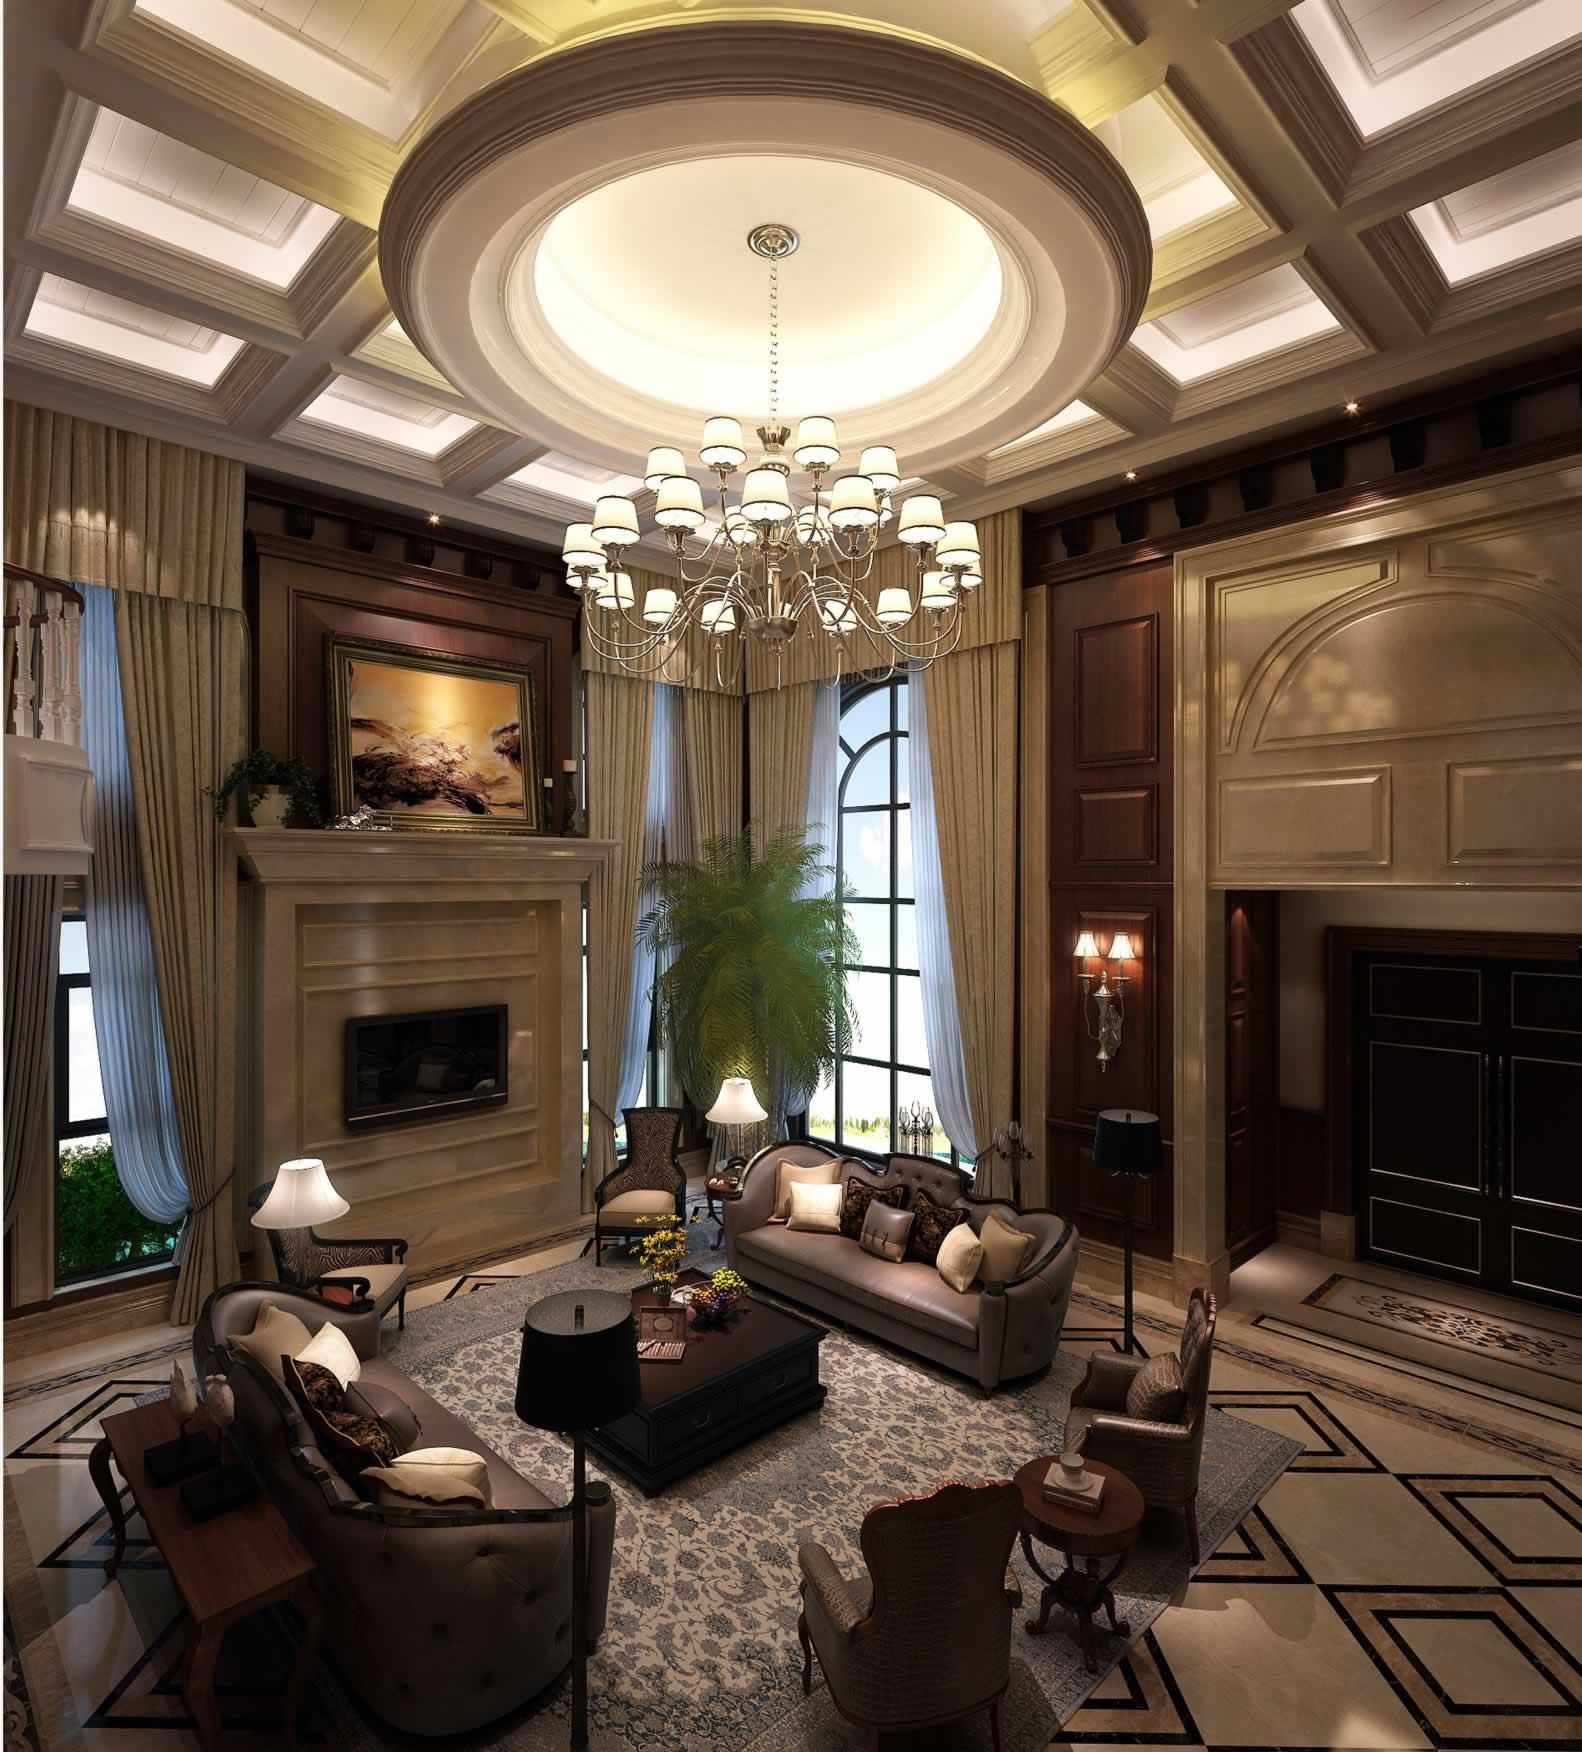 美式挑高客厅吊顶设计图片 - 装修效果图 - 九正家居网图片